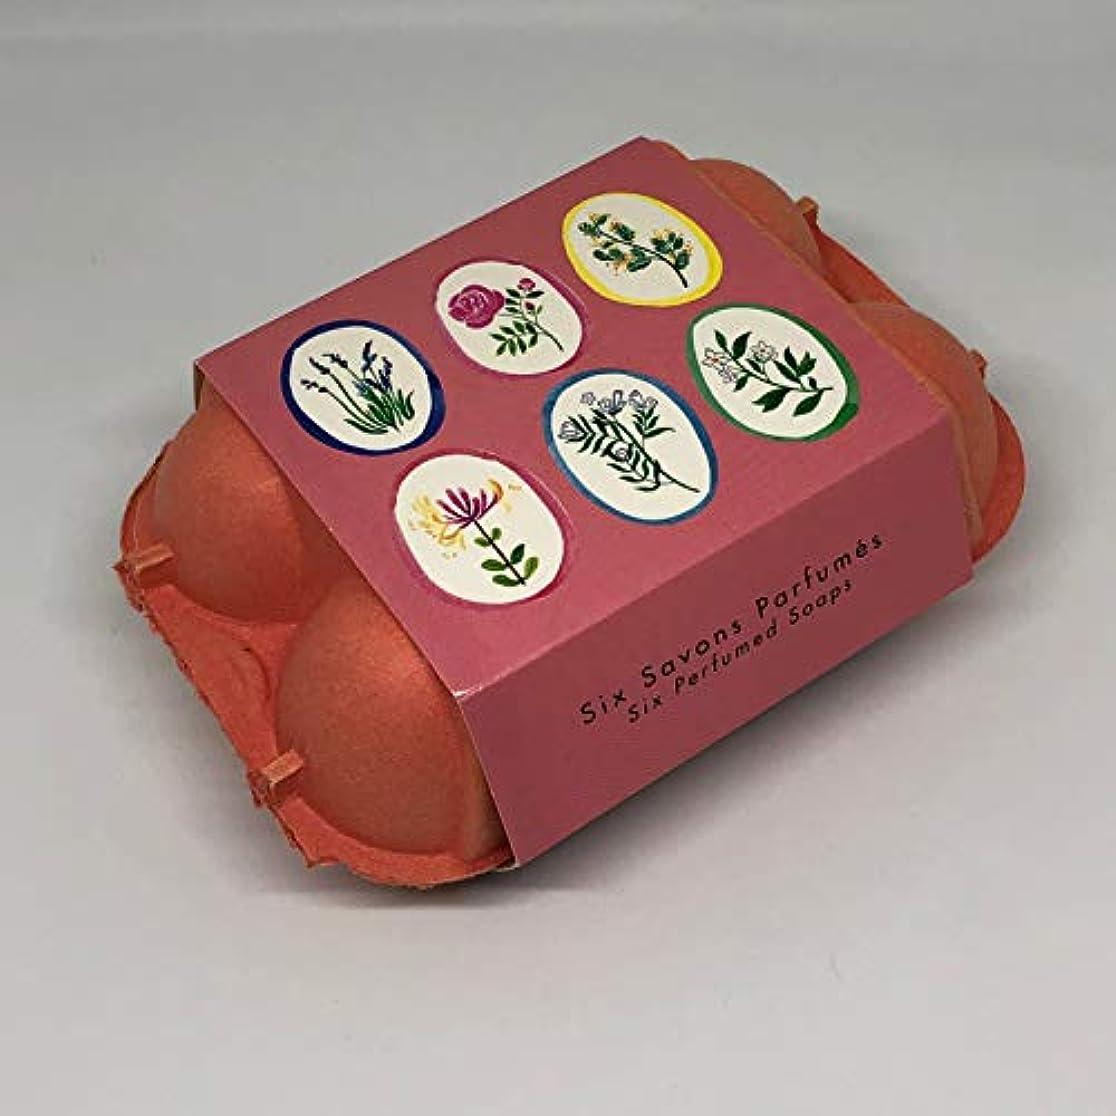 キッチン驚いたことに安定したフラゴナール Fragonard 卵型ソープセット 50g×6個 フランス直輸入 PINK